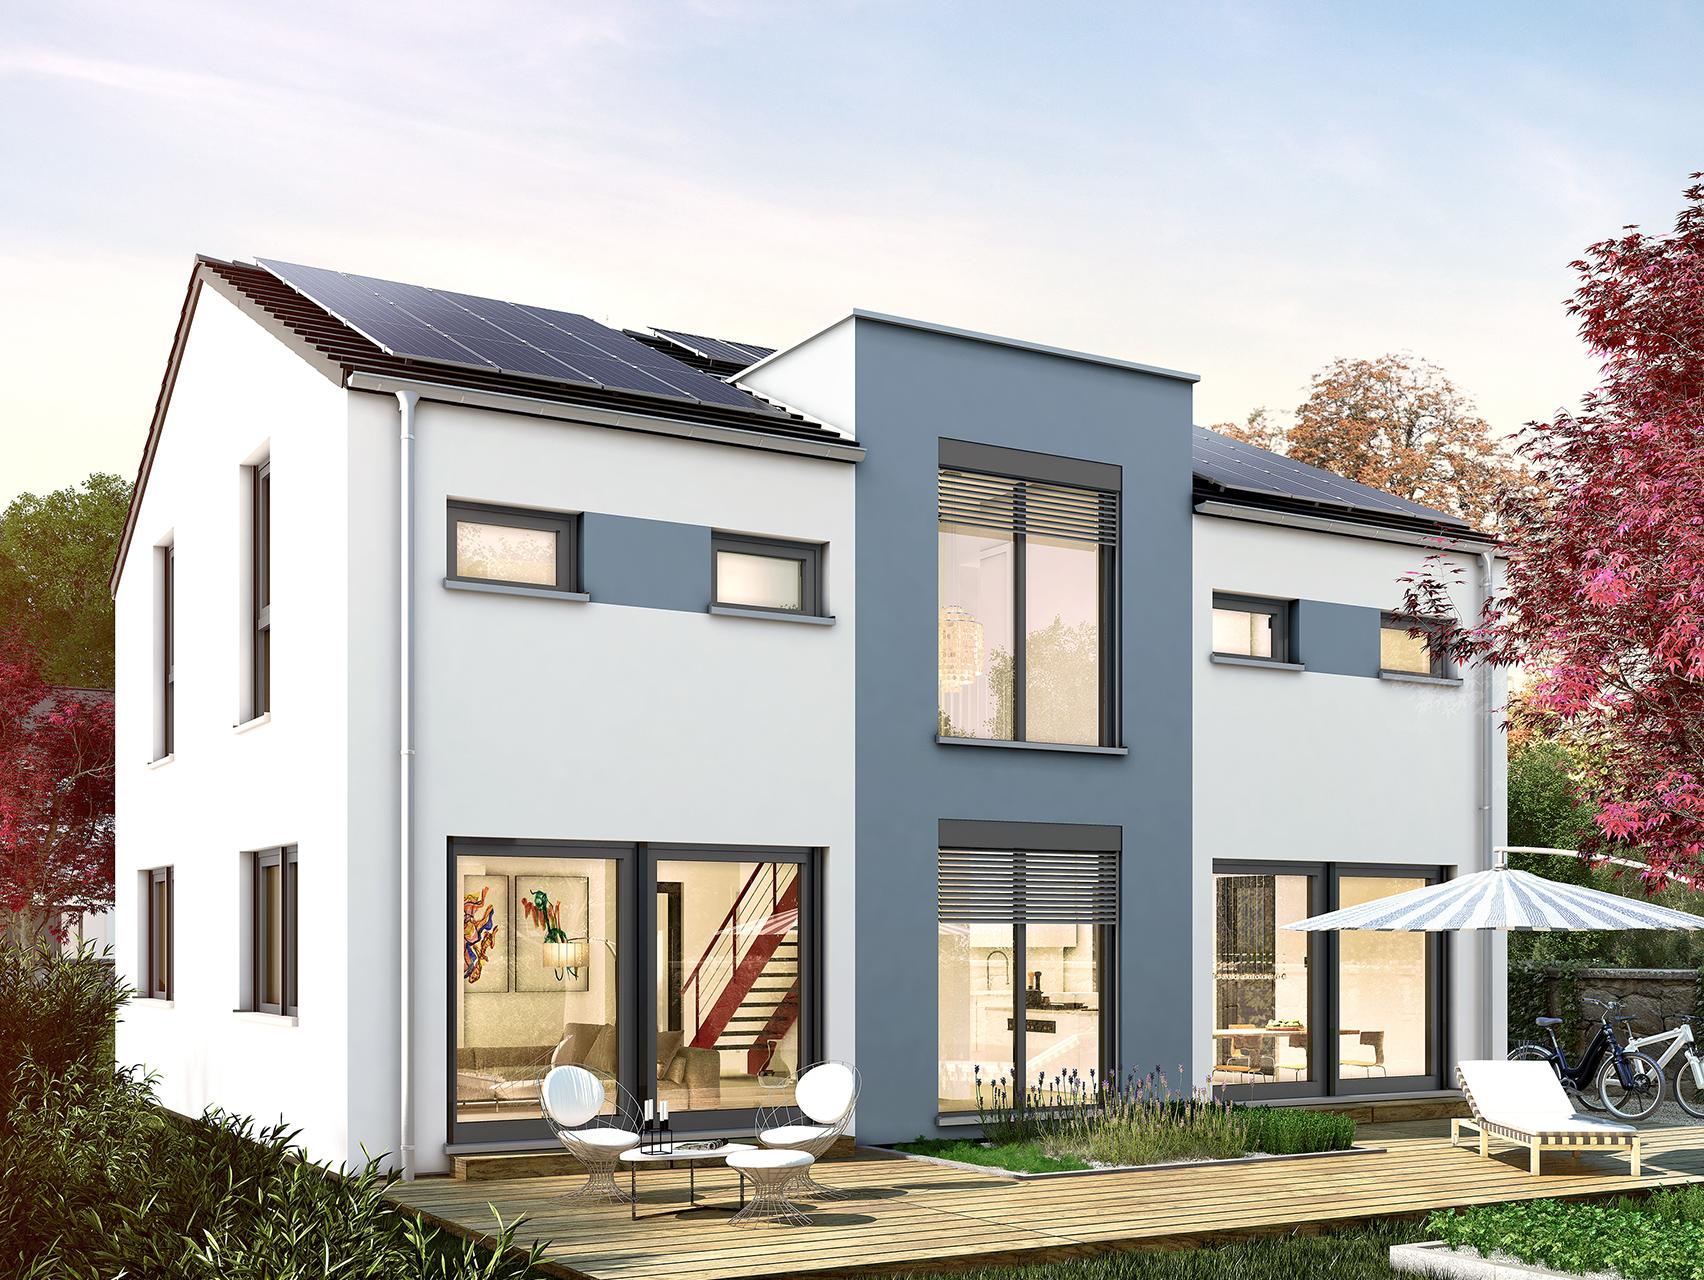 Ungewöhnlich Zweistöckige Häuser Planen, Mit Küche Im Obergeschoss ...